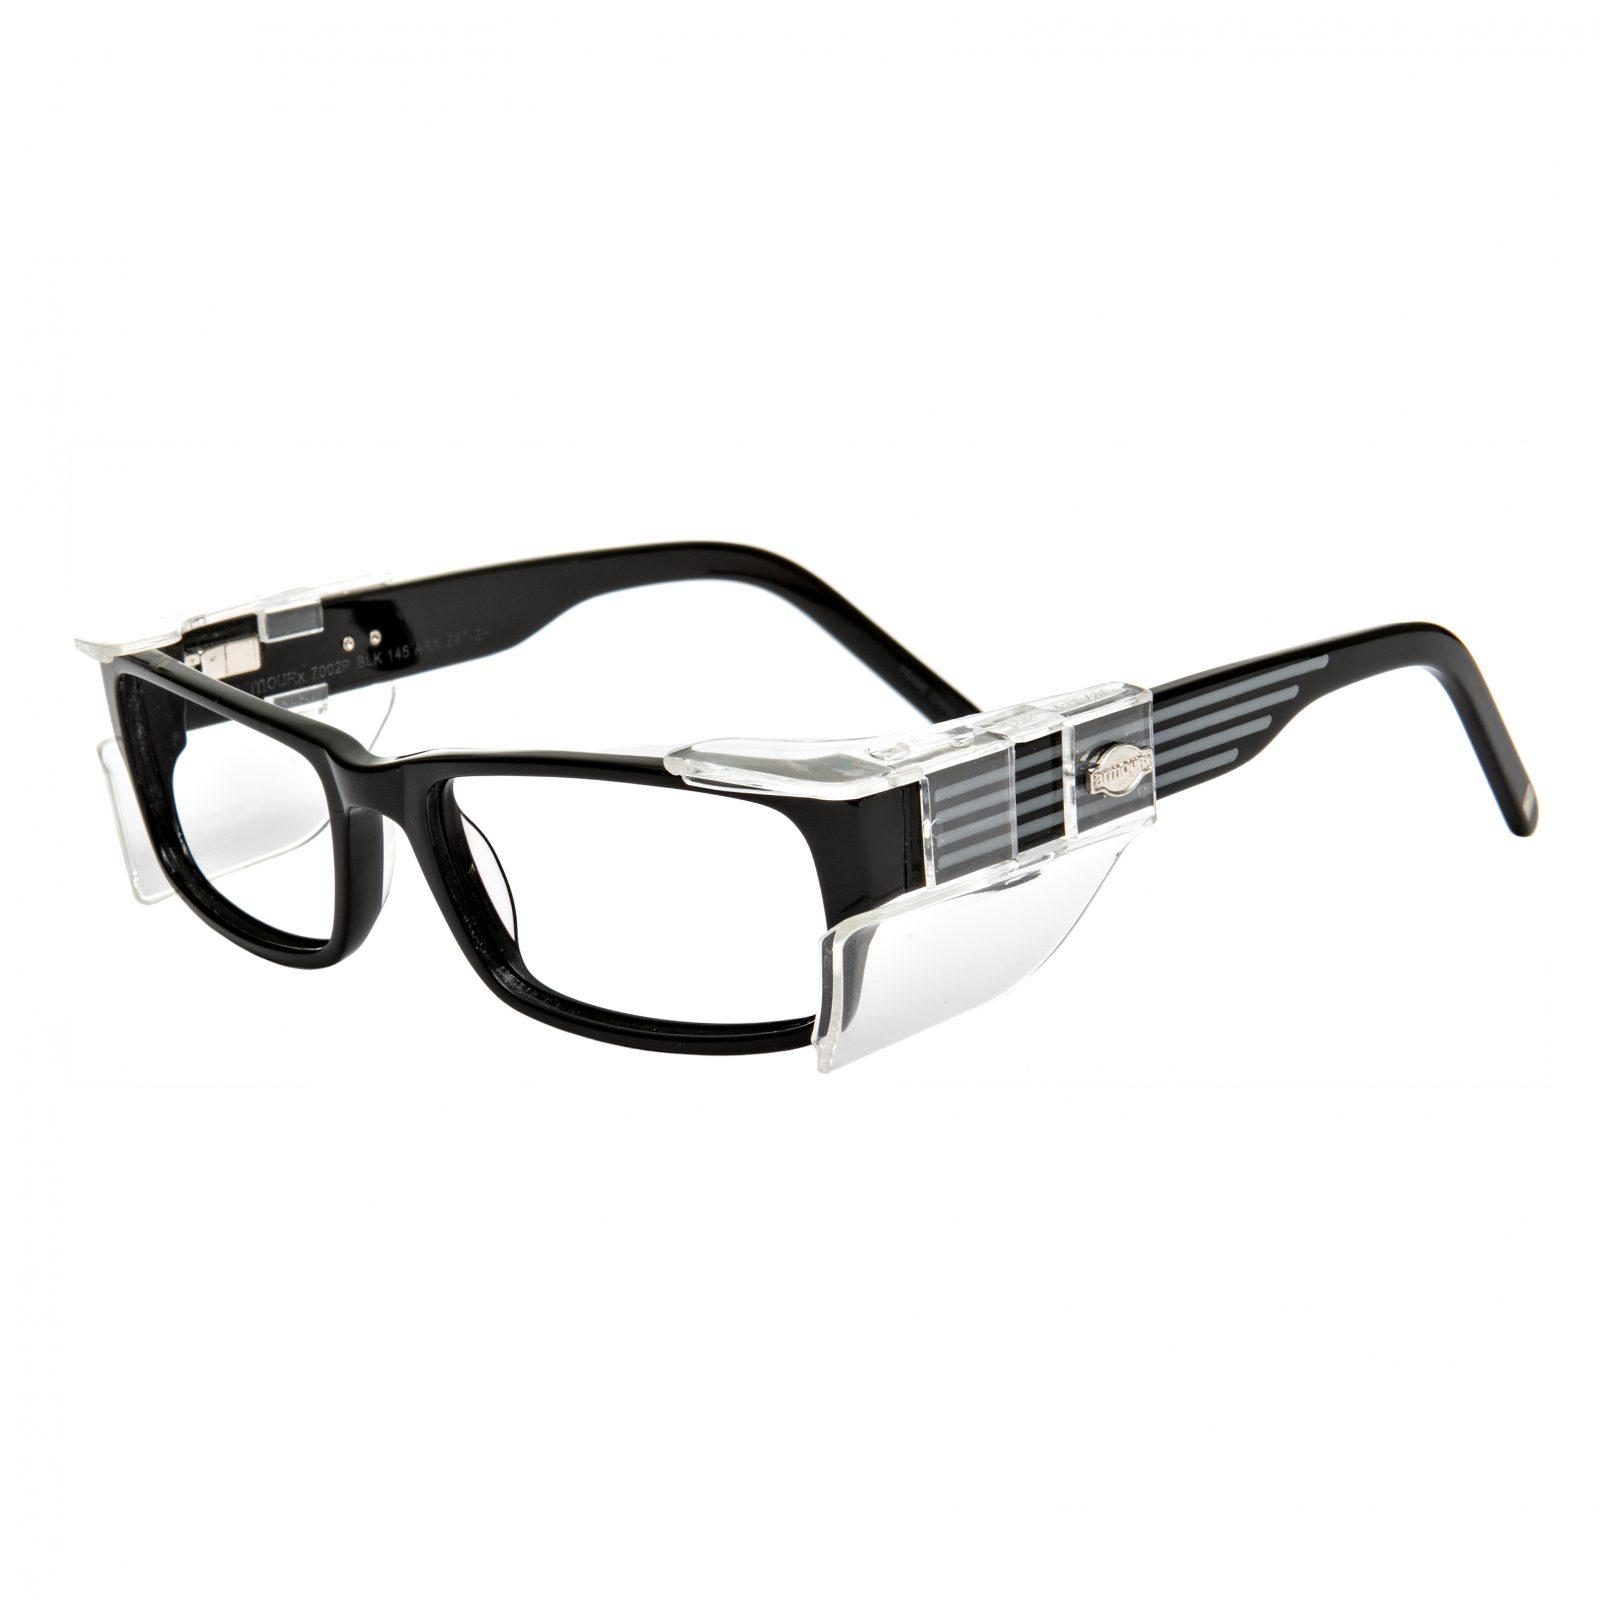 7002p-noir-45-Securovision